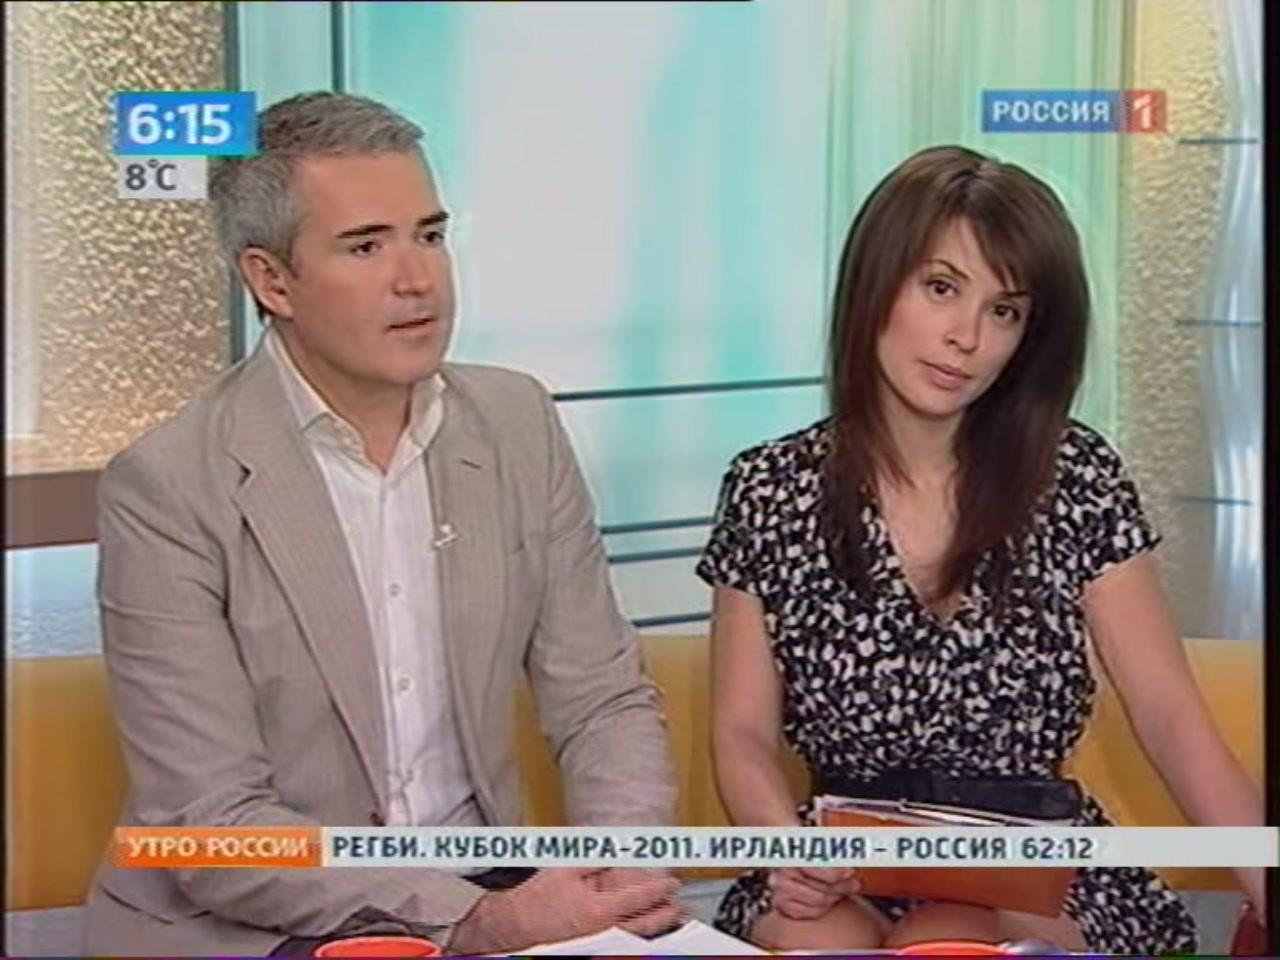 Упскрипт у телеведущих утро росси 24 фотография